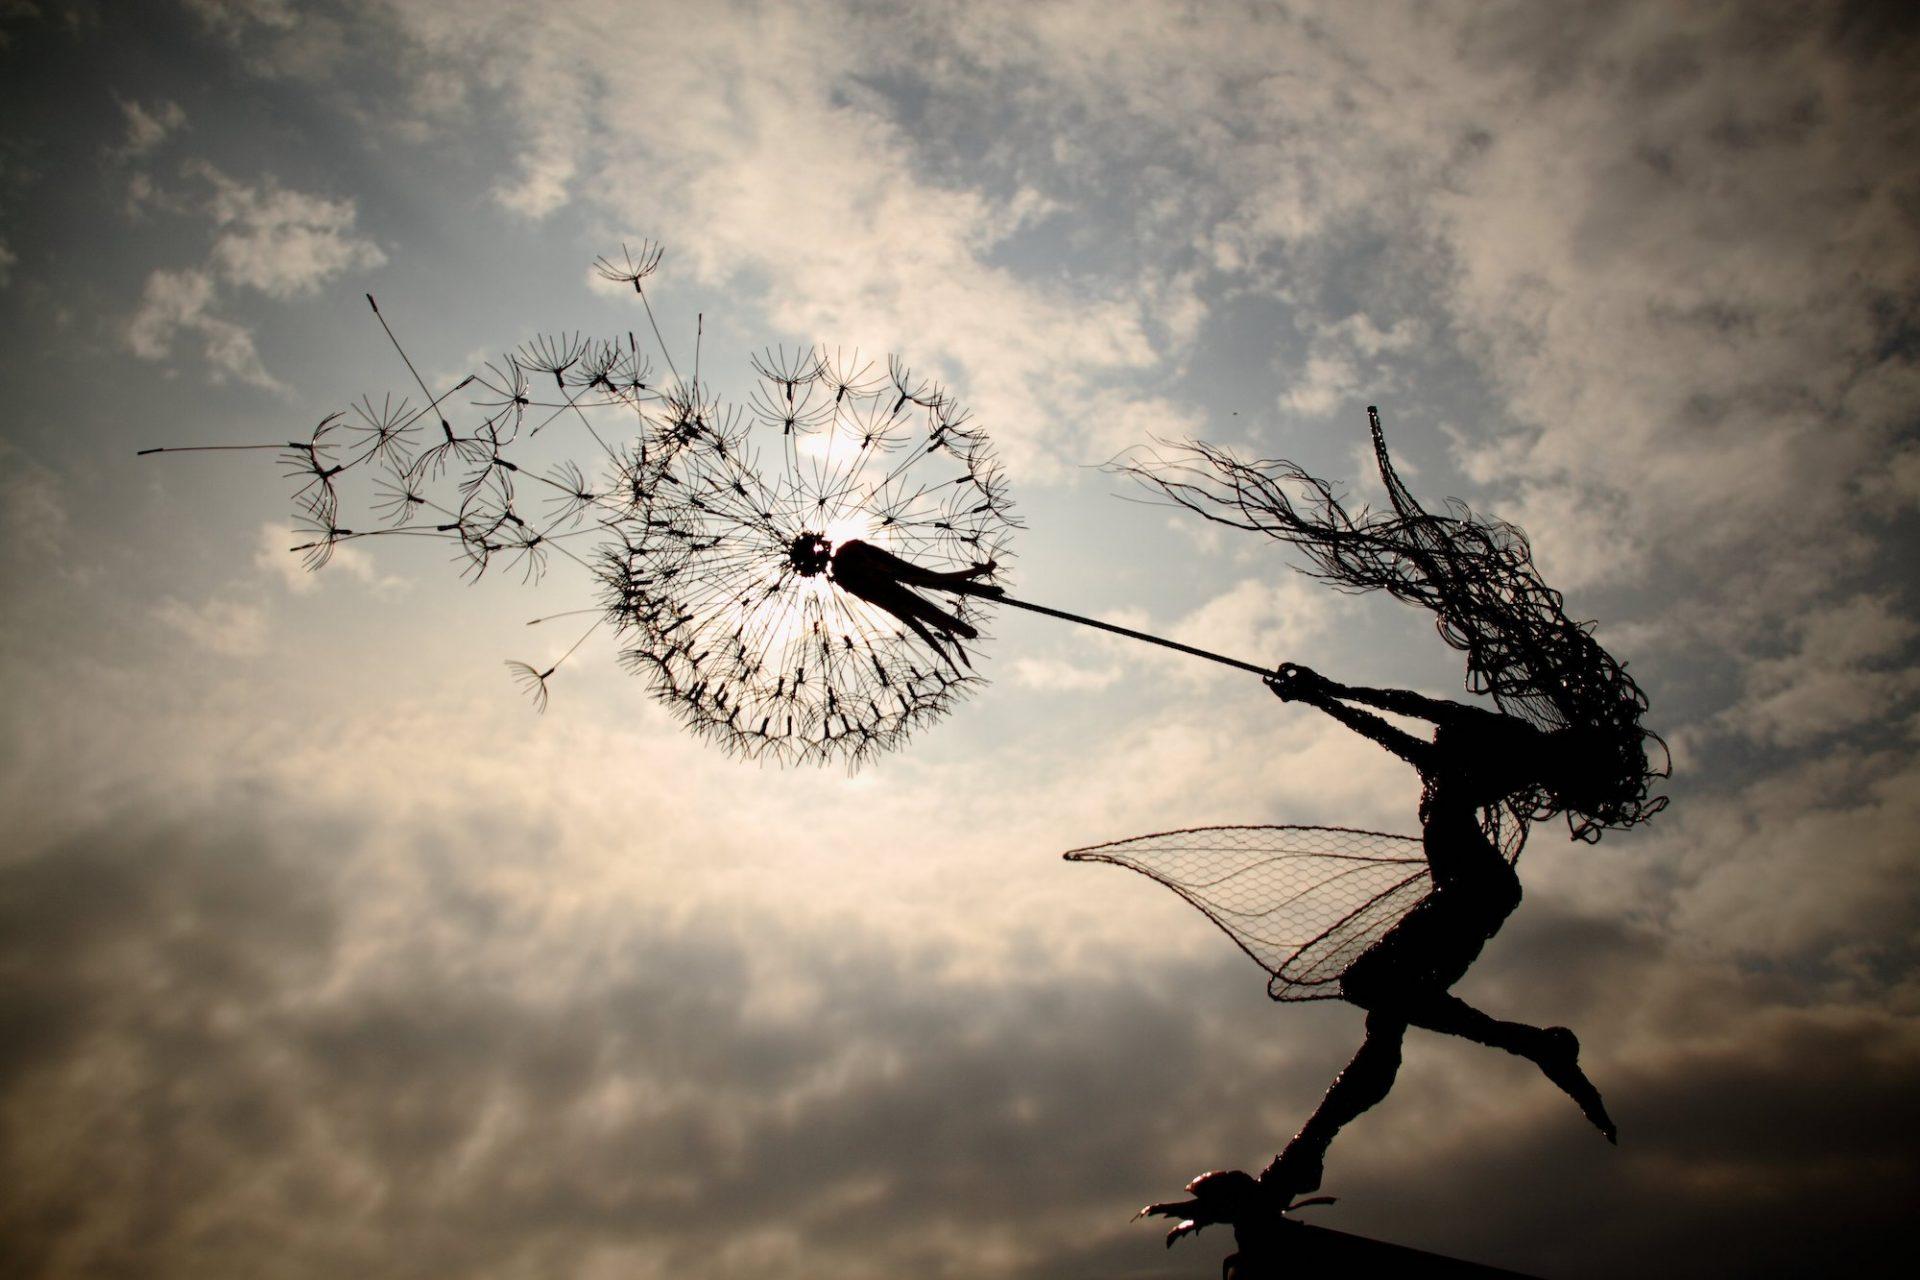 Robin Wight sculpte d'incroyables fées aux pissenlits avec des fils de fer